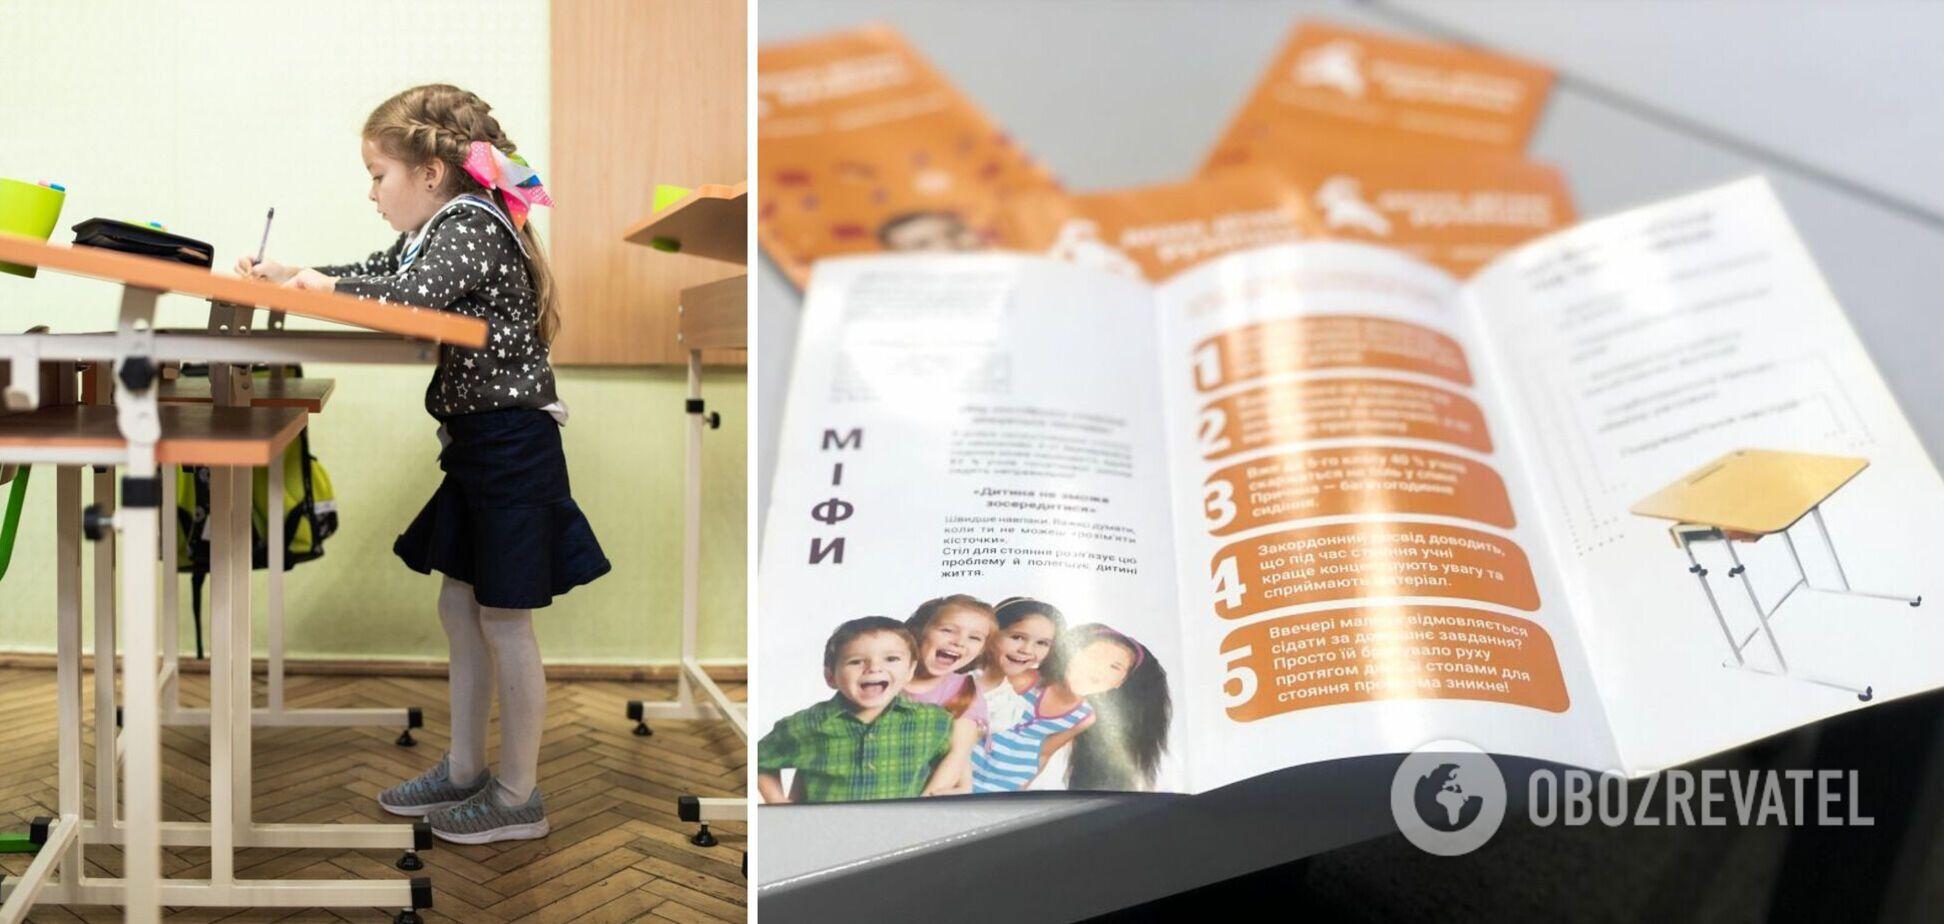 Першокласники в трьох школах Львова навчаються стоячи